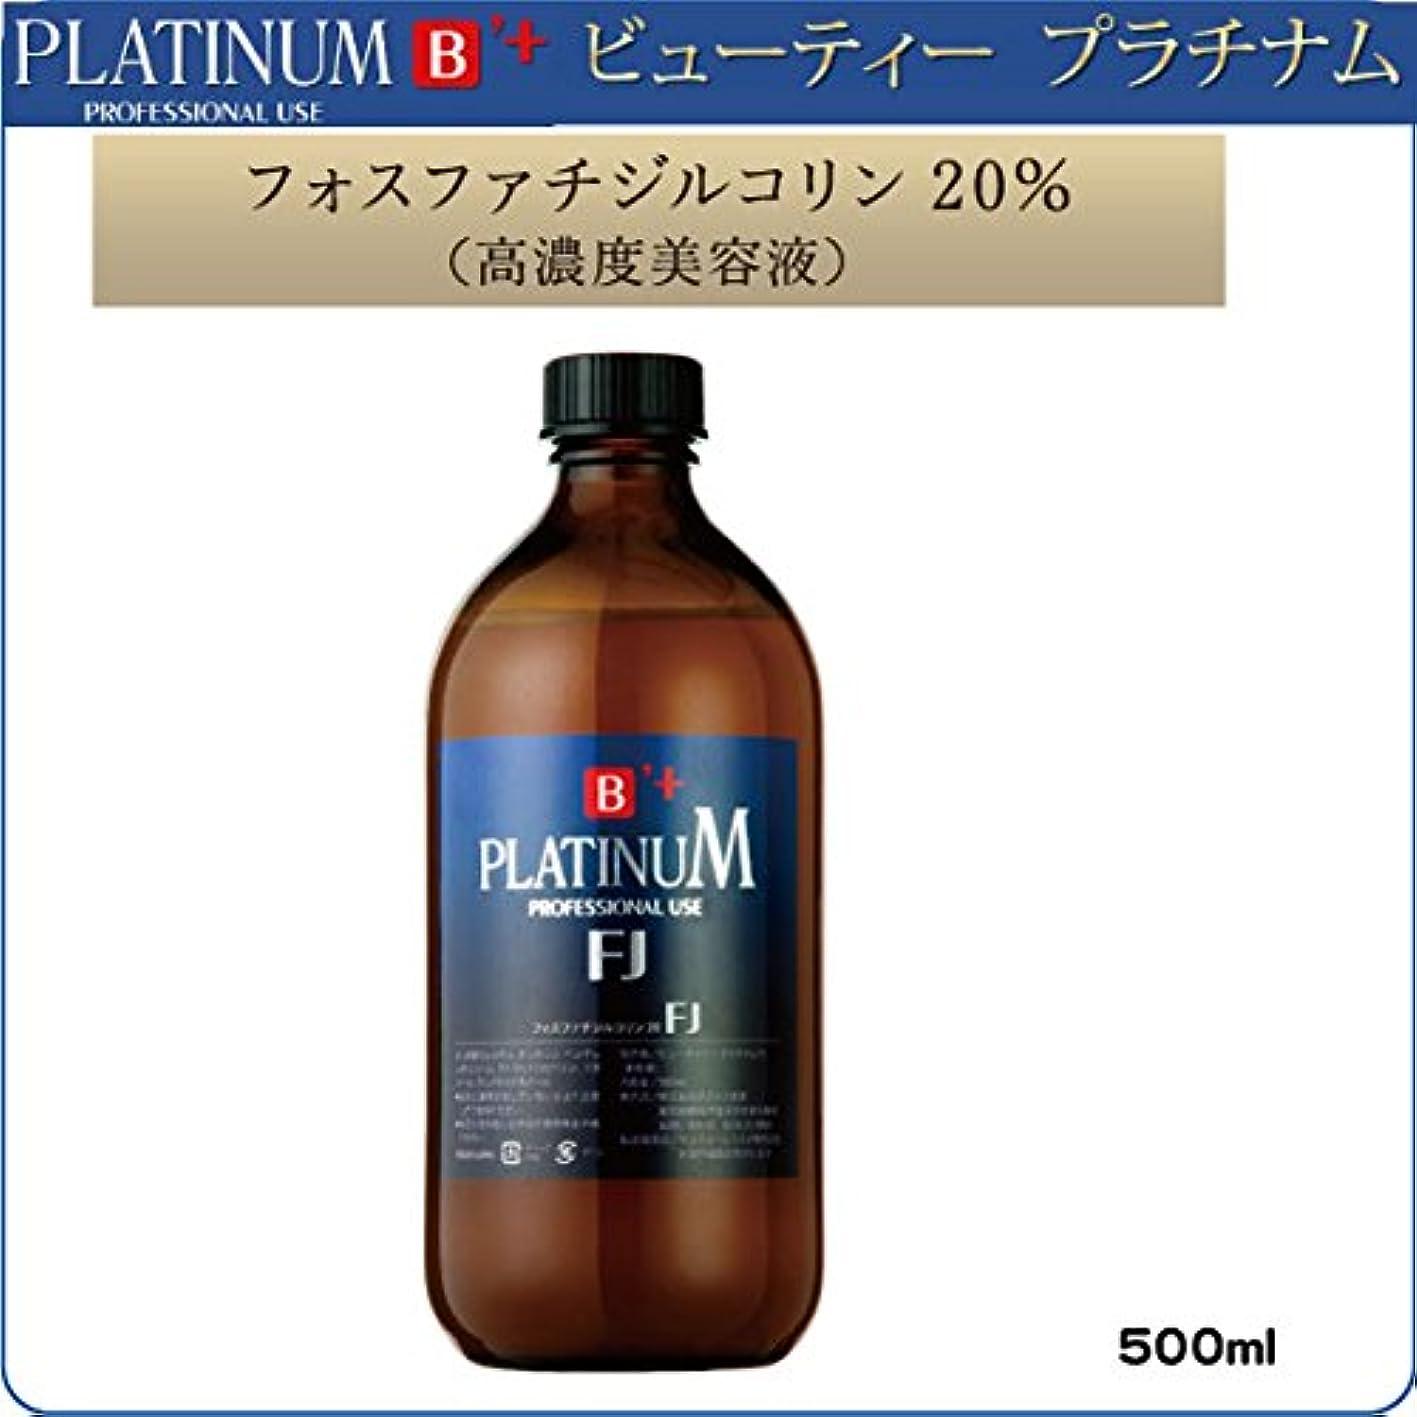 資金安定しました私の【ビューティー プラチナム】 PLATINUM B'+  フォスファチジルコリン20%高濃度美容液  痩身専用:500ml